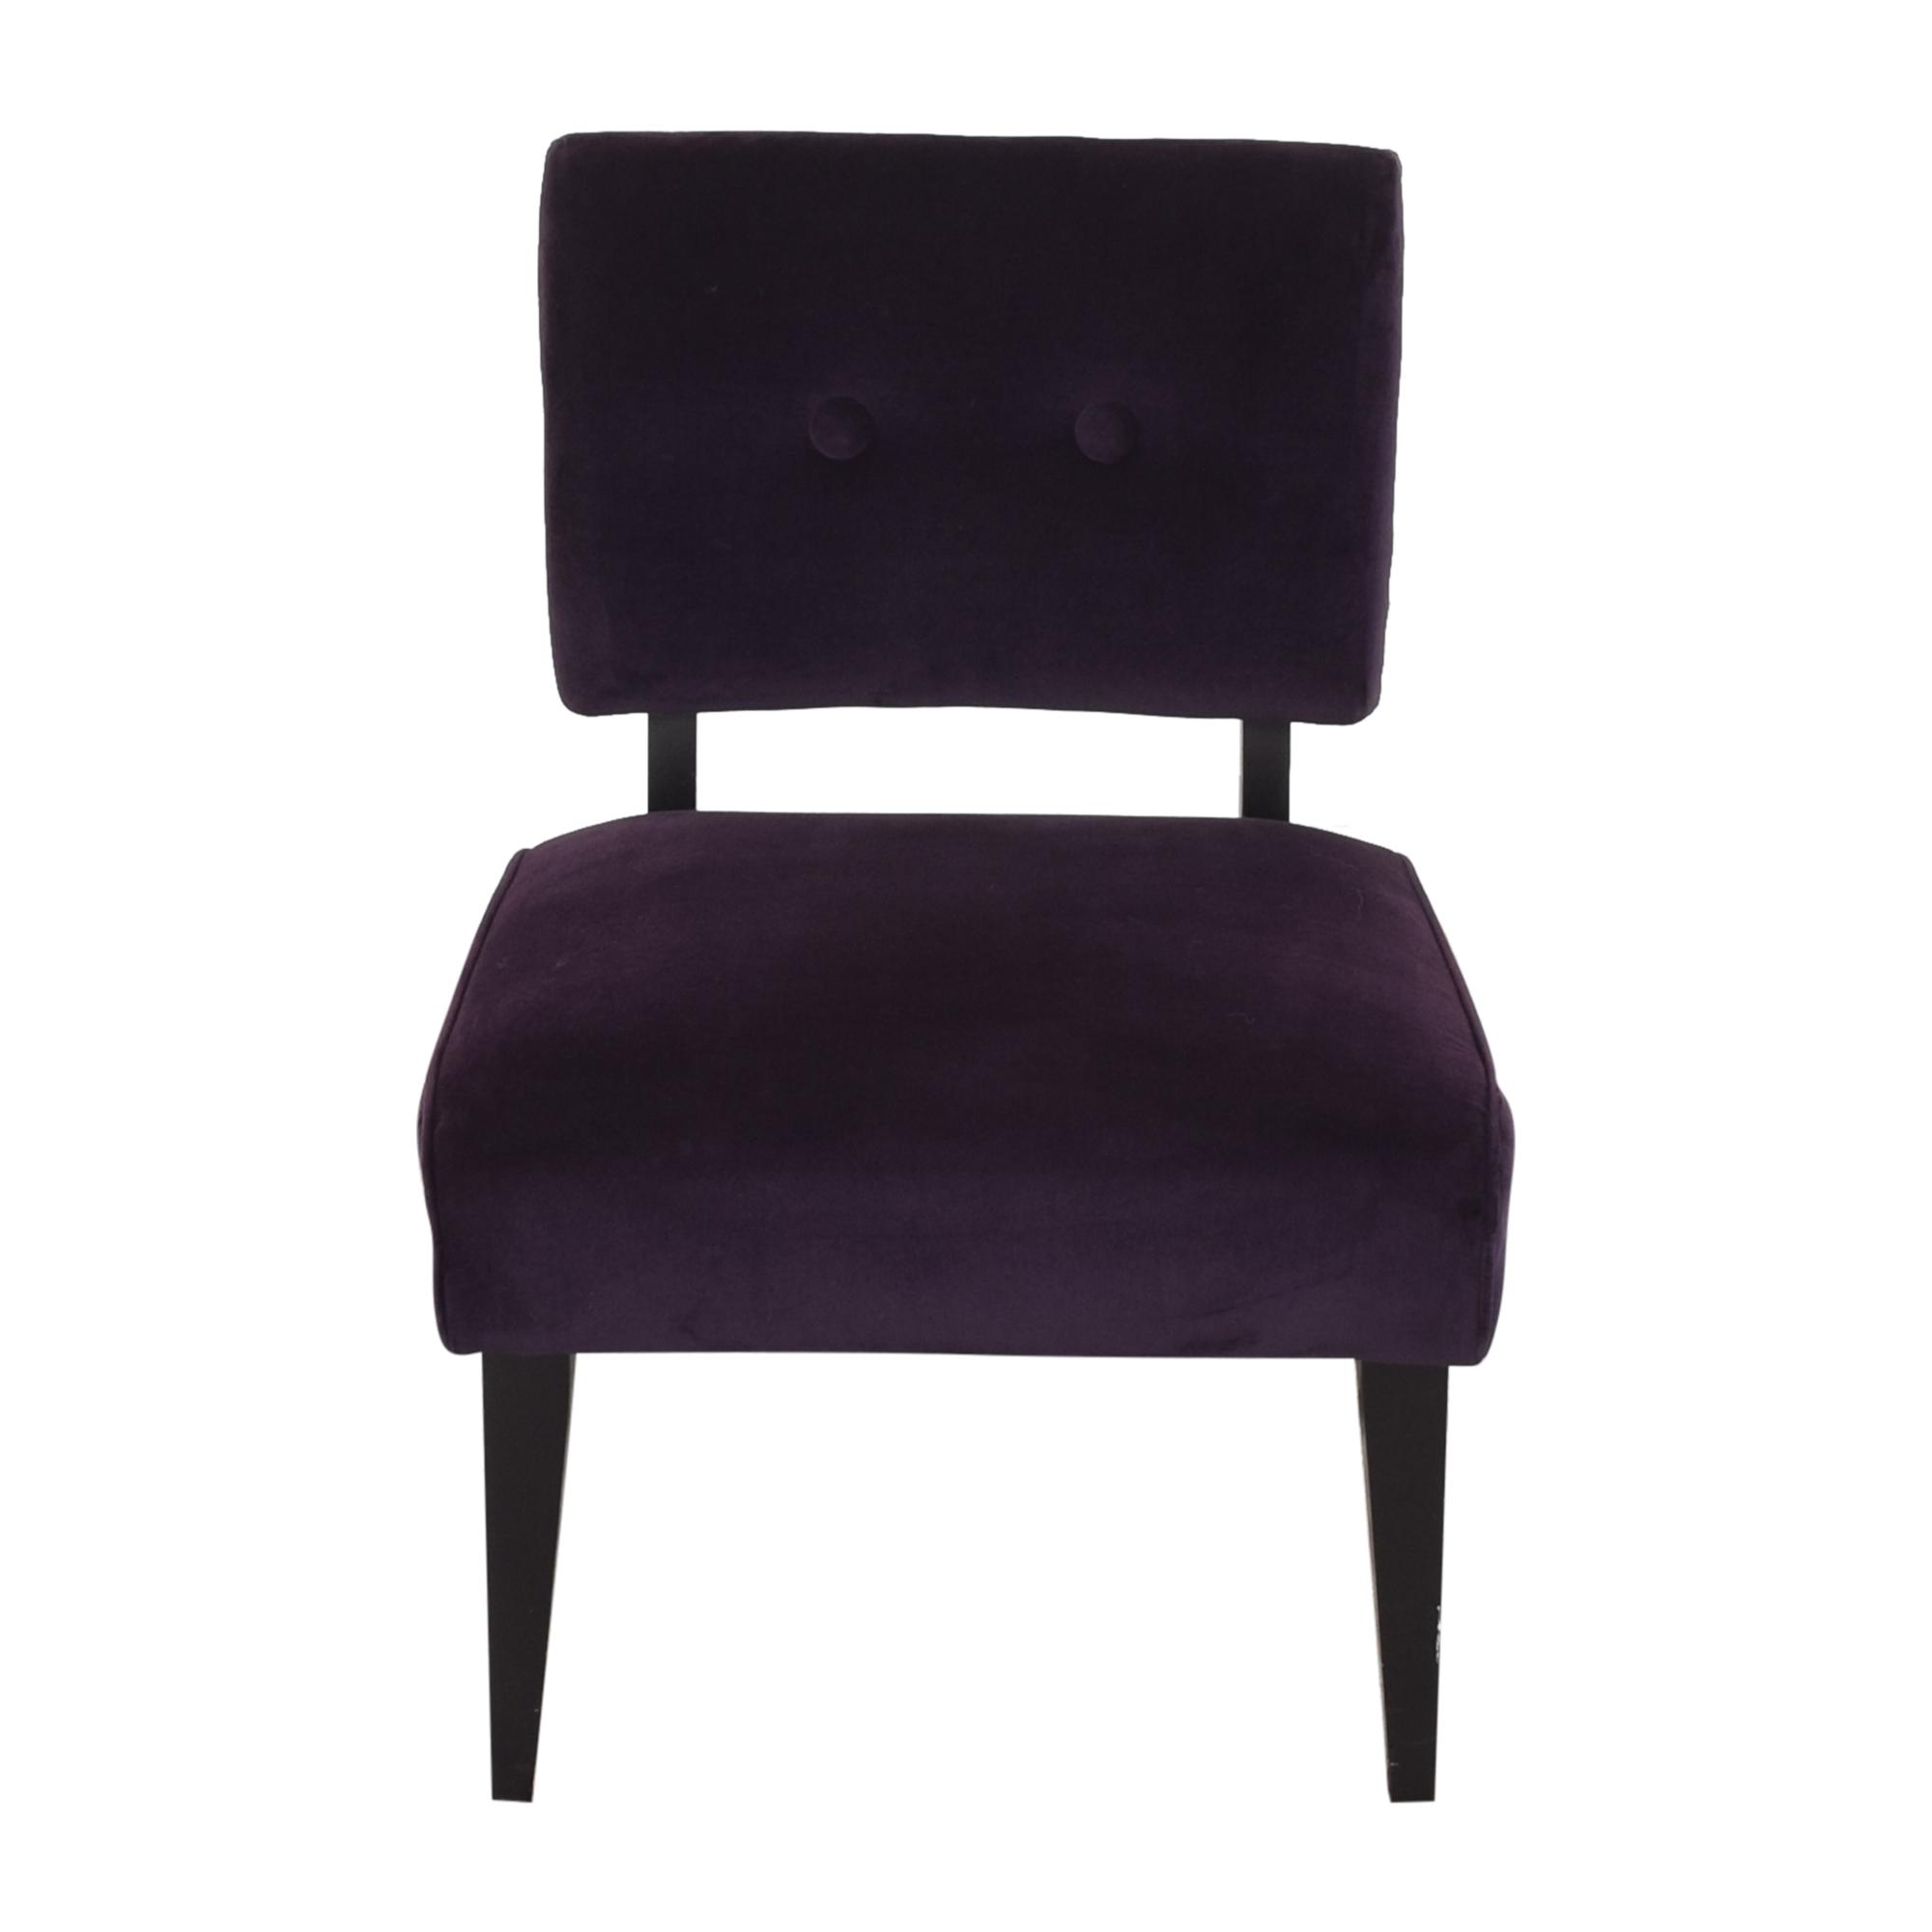 buy Crate & Barrel Accent Chair Crate & Barrel